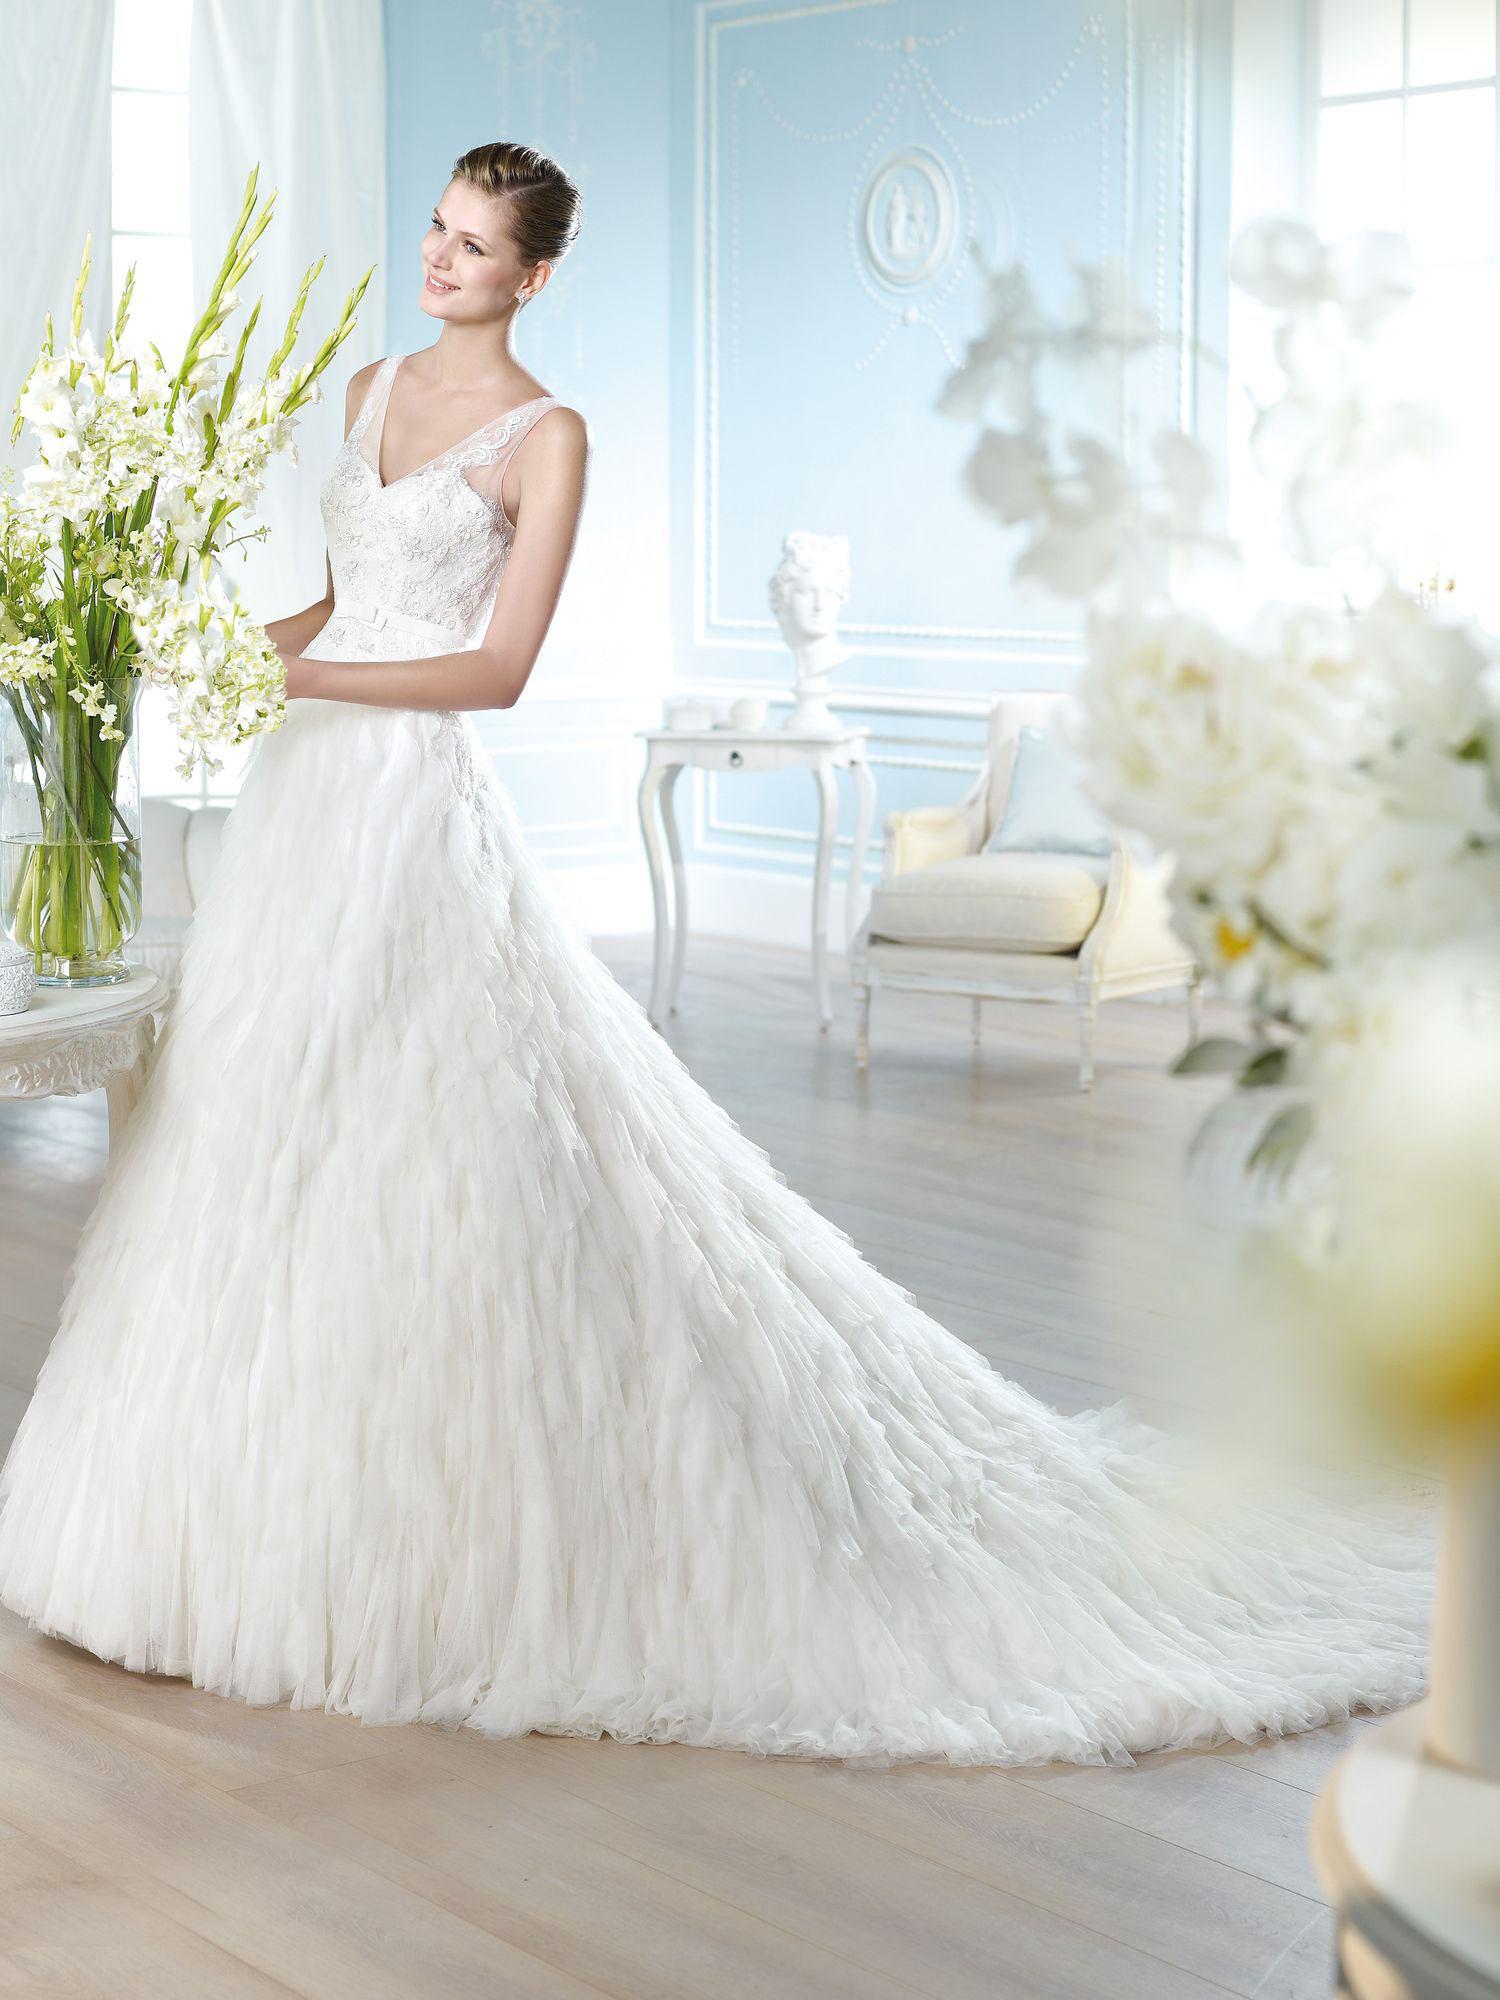 ROBE de mariée HANBAL POUR UN MARIAGE 2014 san patrick soniab marseille proche aubagne 13400